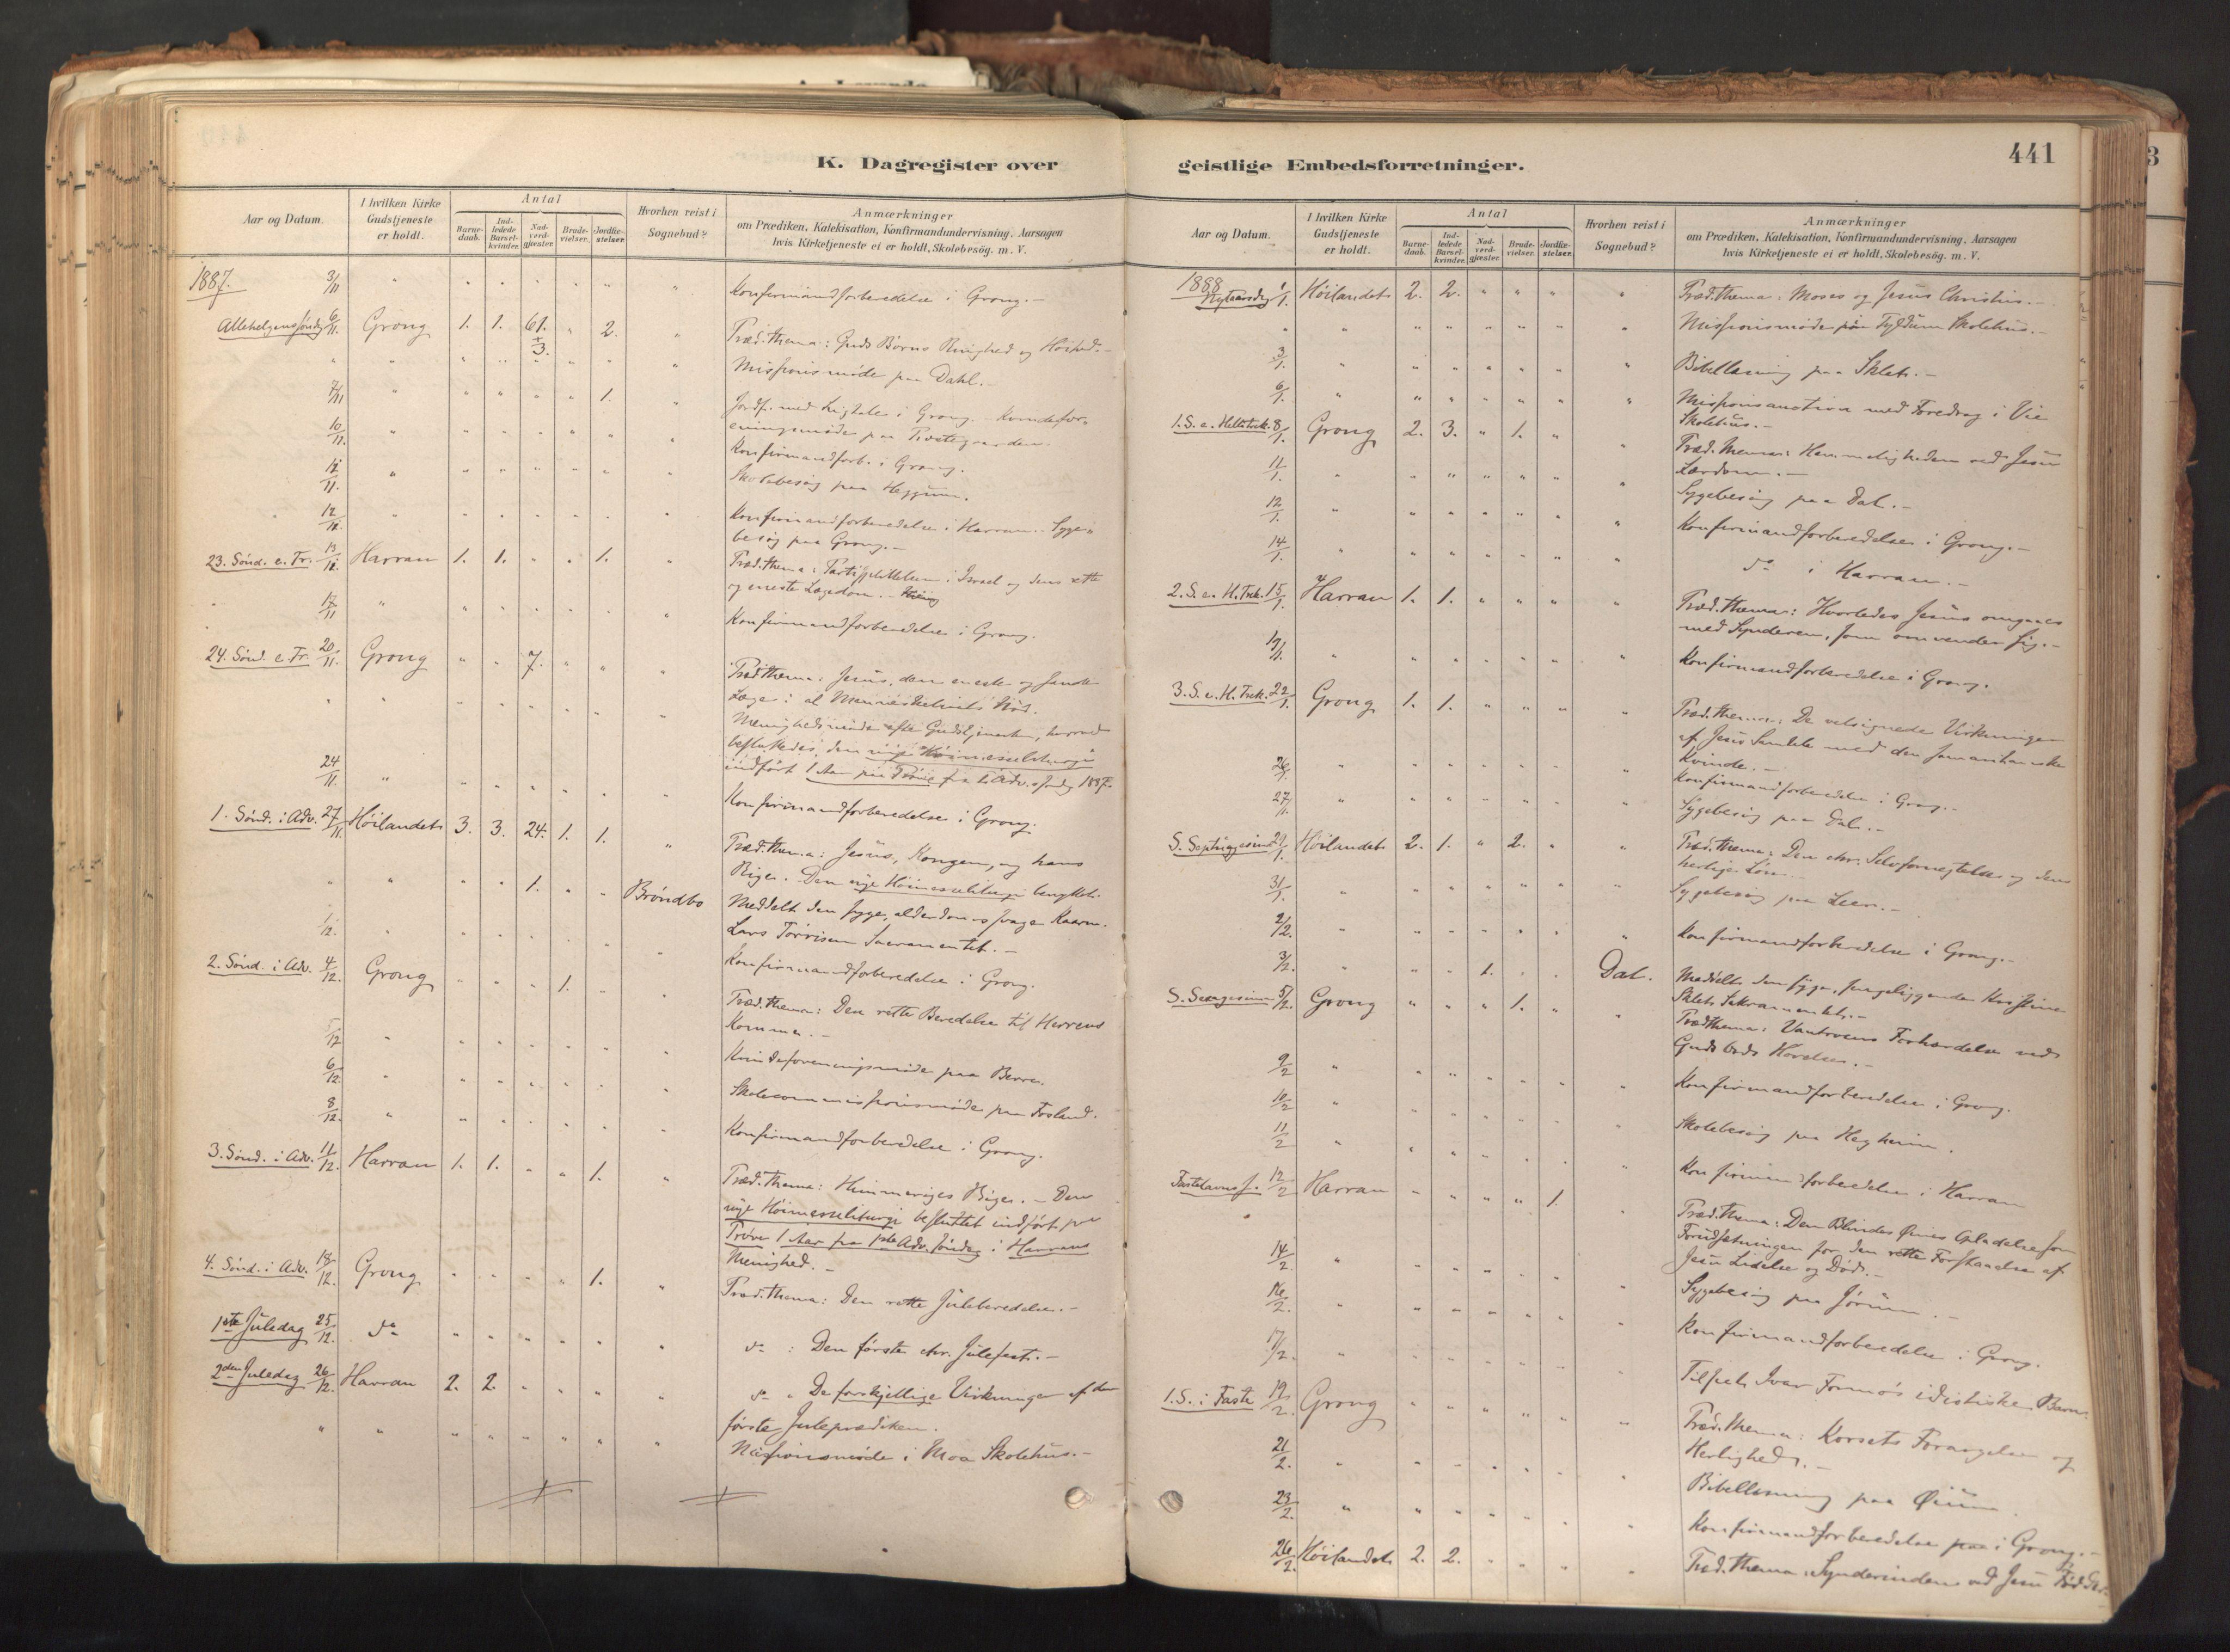 SAT, Ministerialprotokoller, klokkerbøker og fødselsregistre - Nord-Trøndelag, 758/L0519: Ministerialbok nr. 758A04, 1880-1926, s. 441